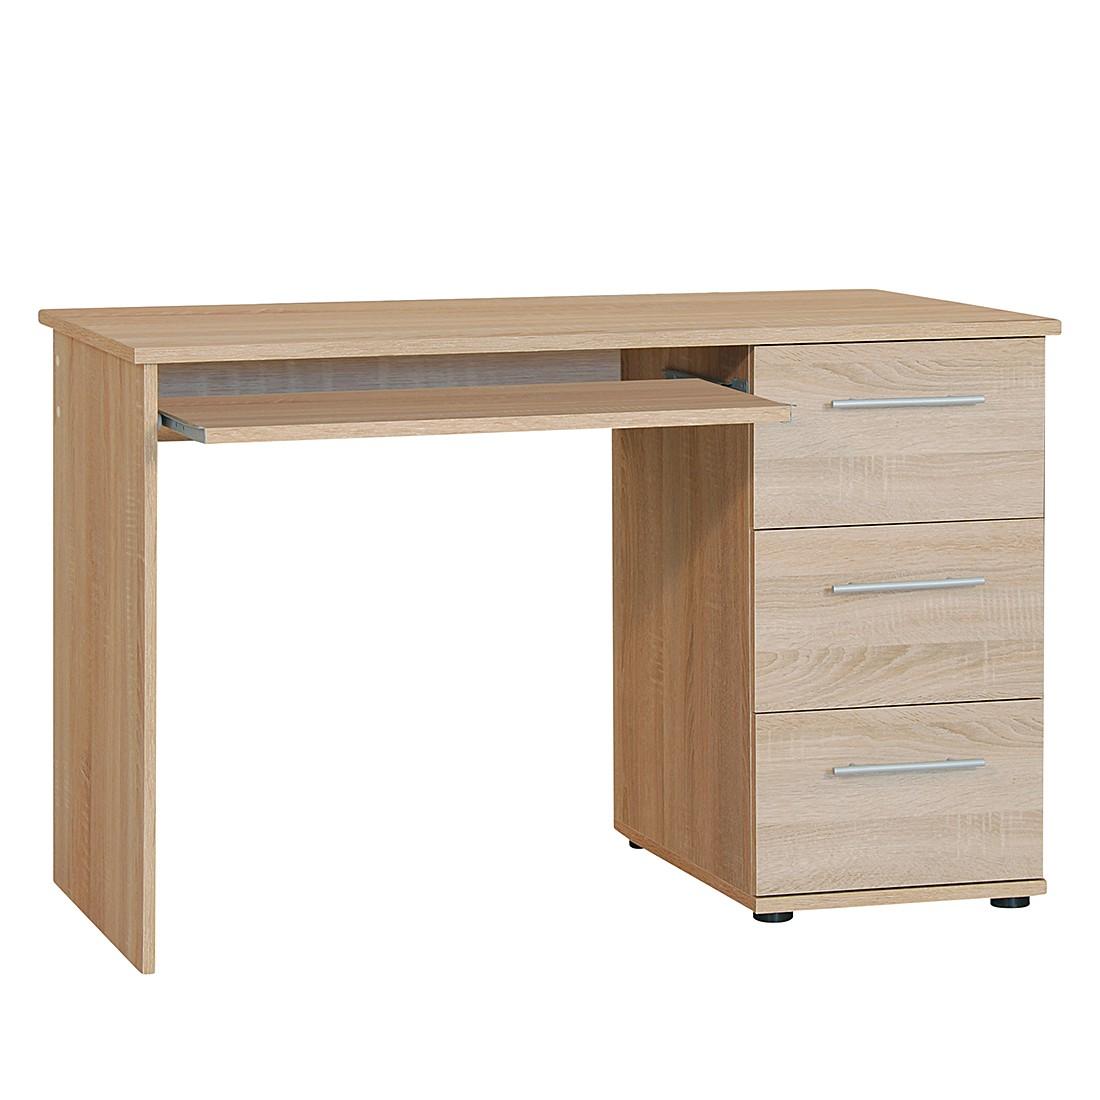 home24 Computertisch Calvin   Büro > Bürotische > Computertische   Braun   Holz   home24office